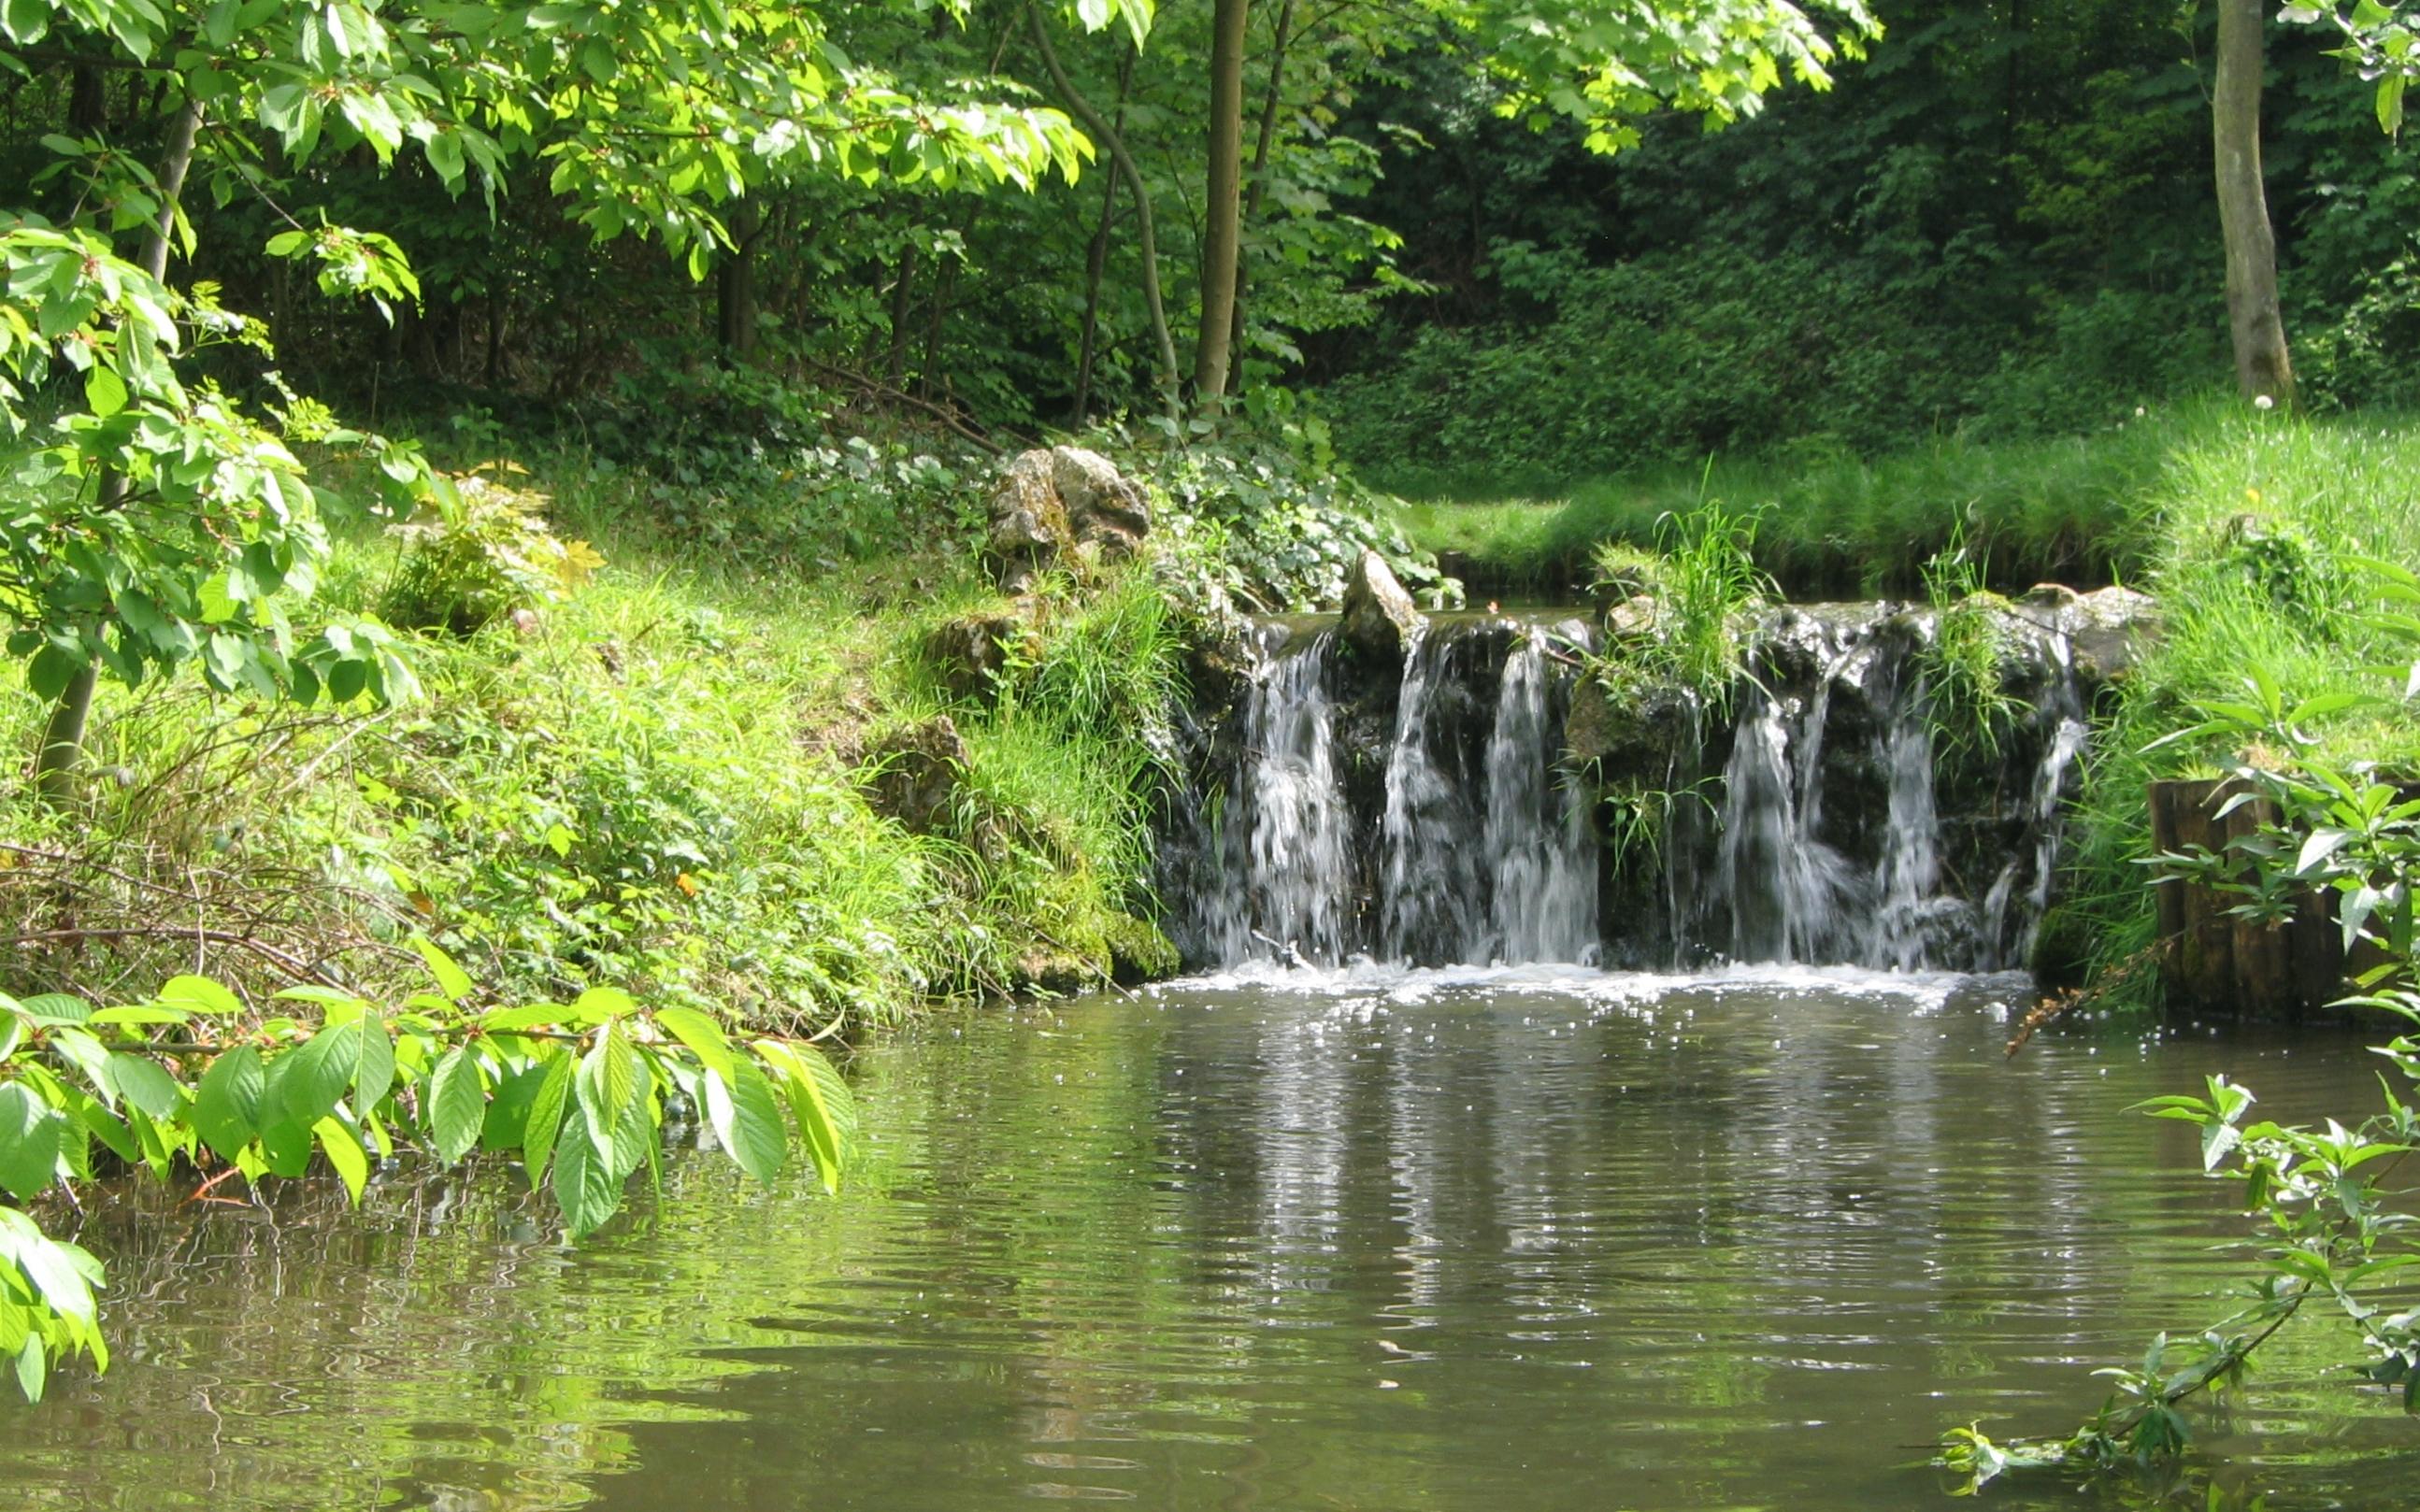 Fichier:Bois de Vincennes PRINTEMPS 2009 - 005.JPG - Wikipédia